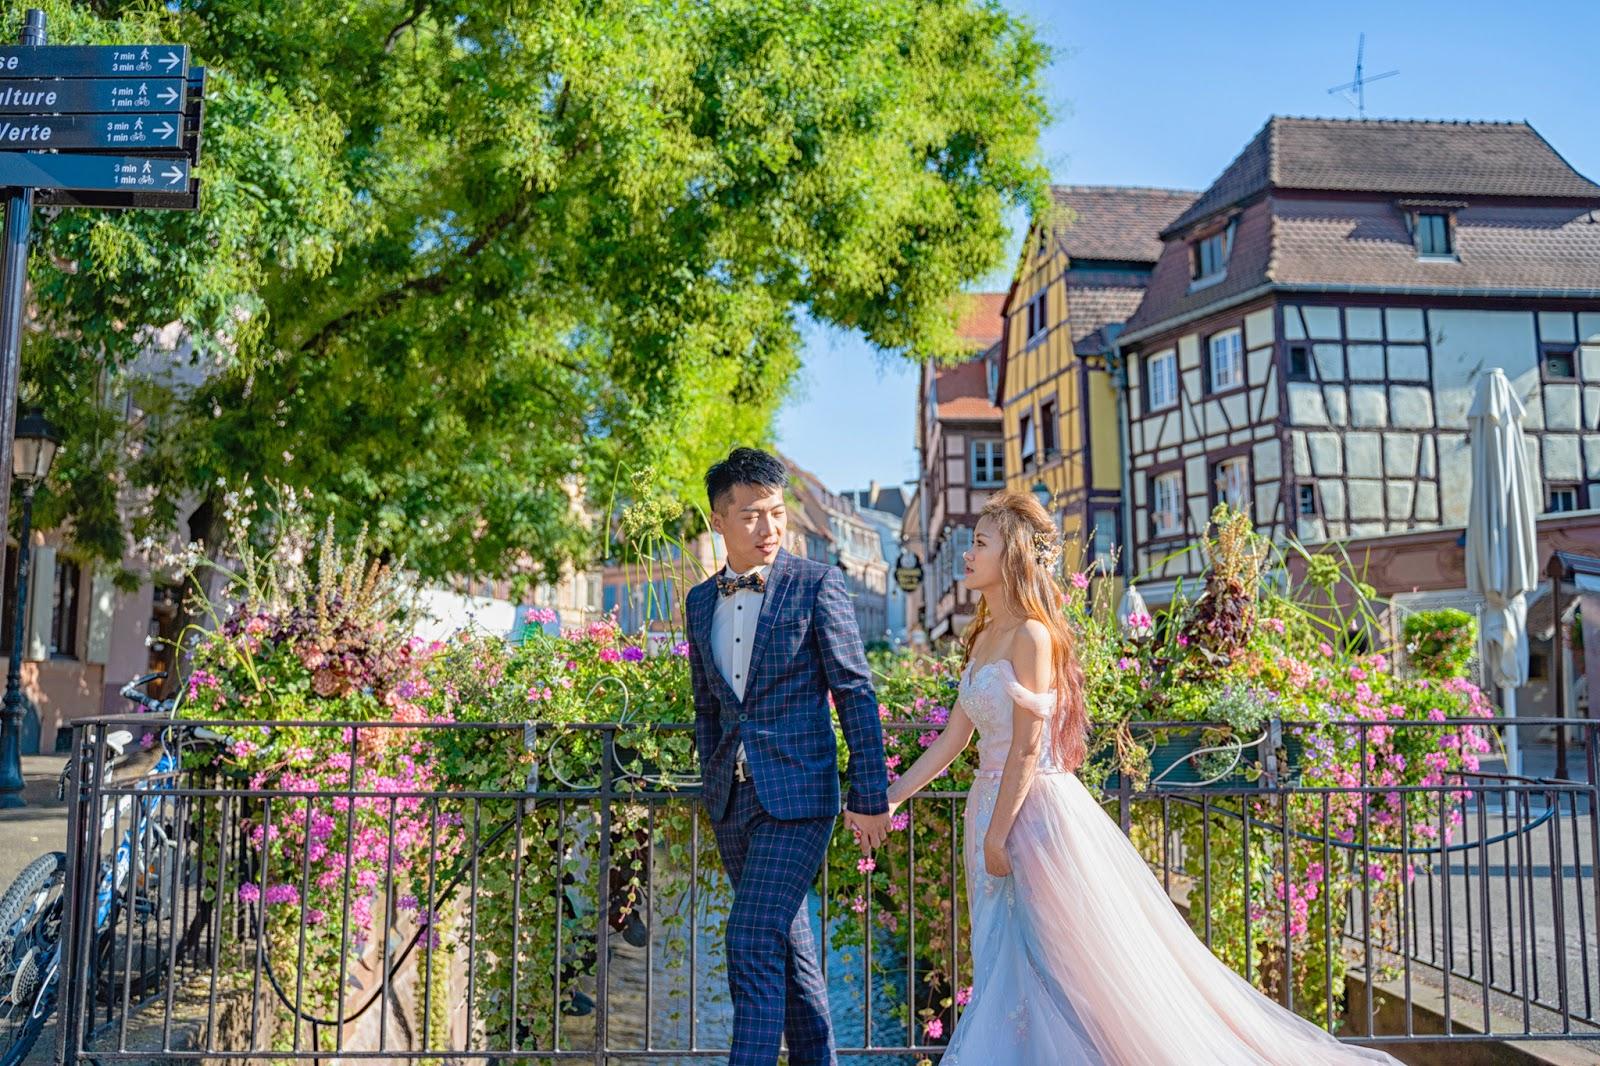 巴黎海外婚紗 科爾馬旅遊 科爾馬婚紗 羅浮宮 巴黎鐵塔 聖母院 海外婚紗推薦 聖心堂 大推海外婚紗 巴黎夜景 台北婚紗 義大利婚紗 威尼斯婚紗 布拉格婚紗